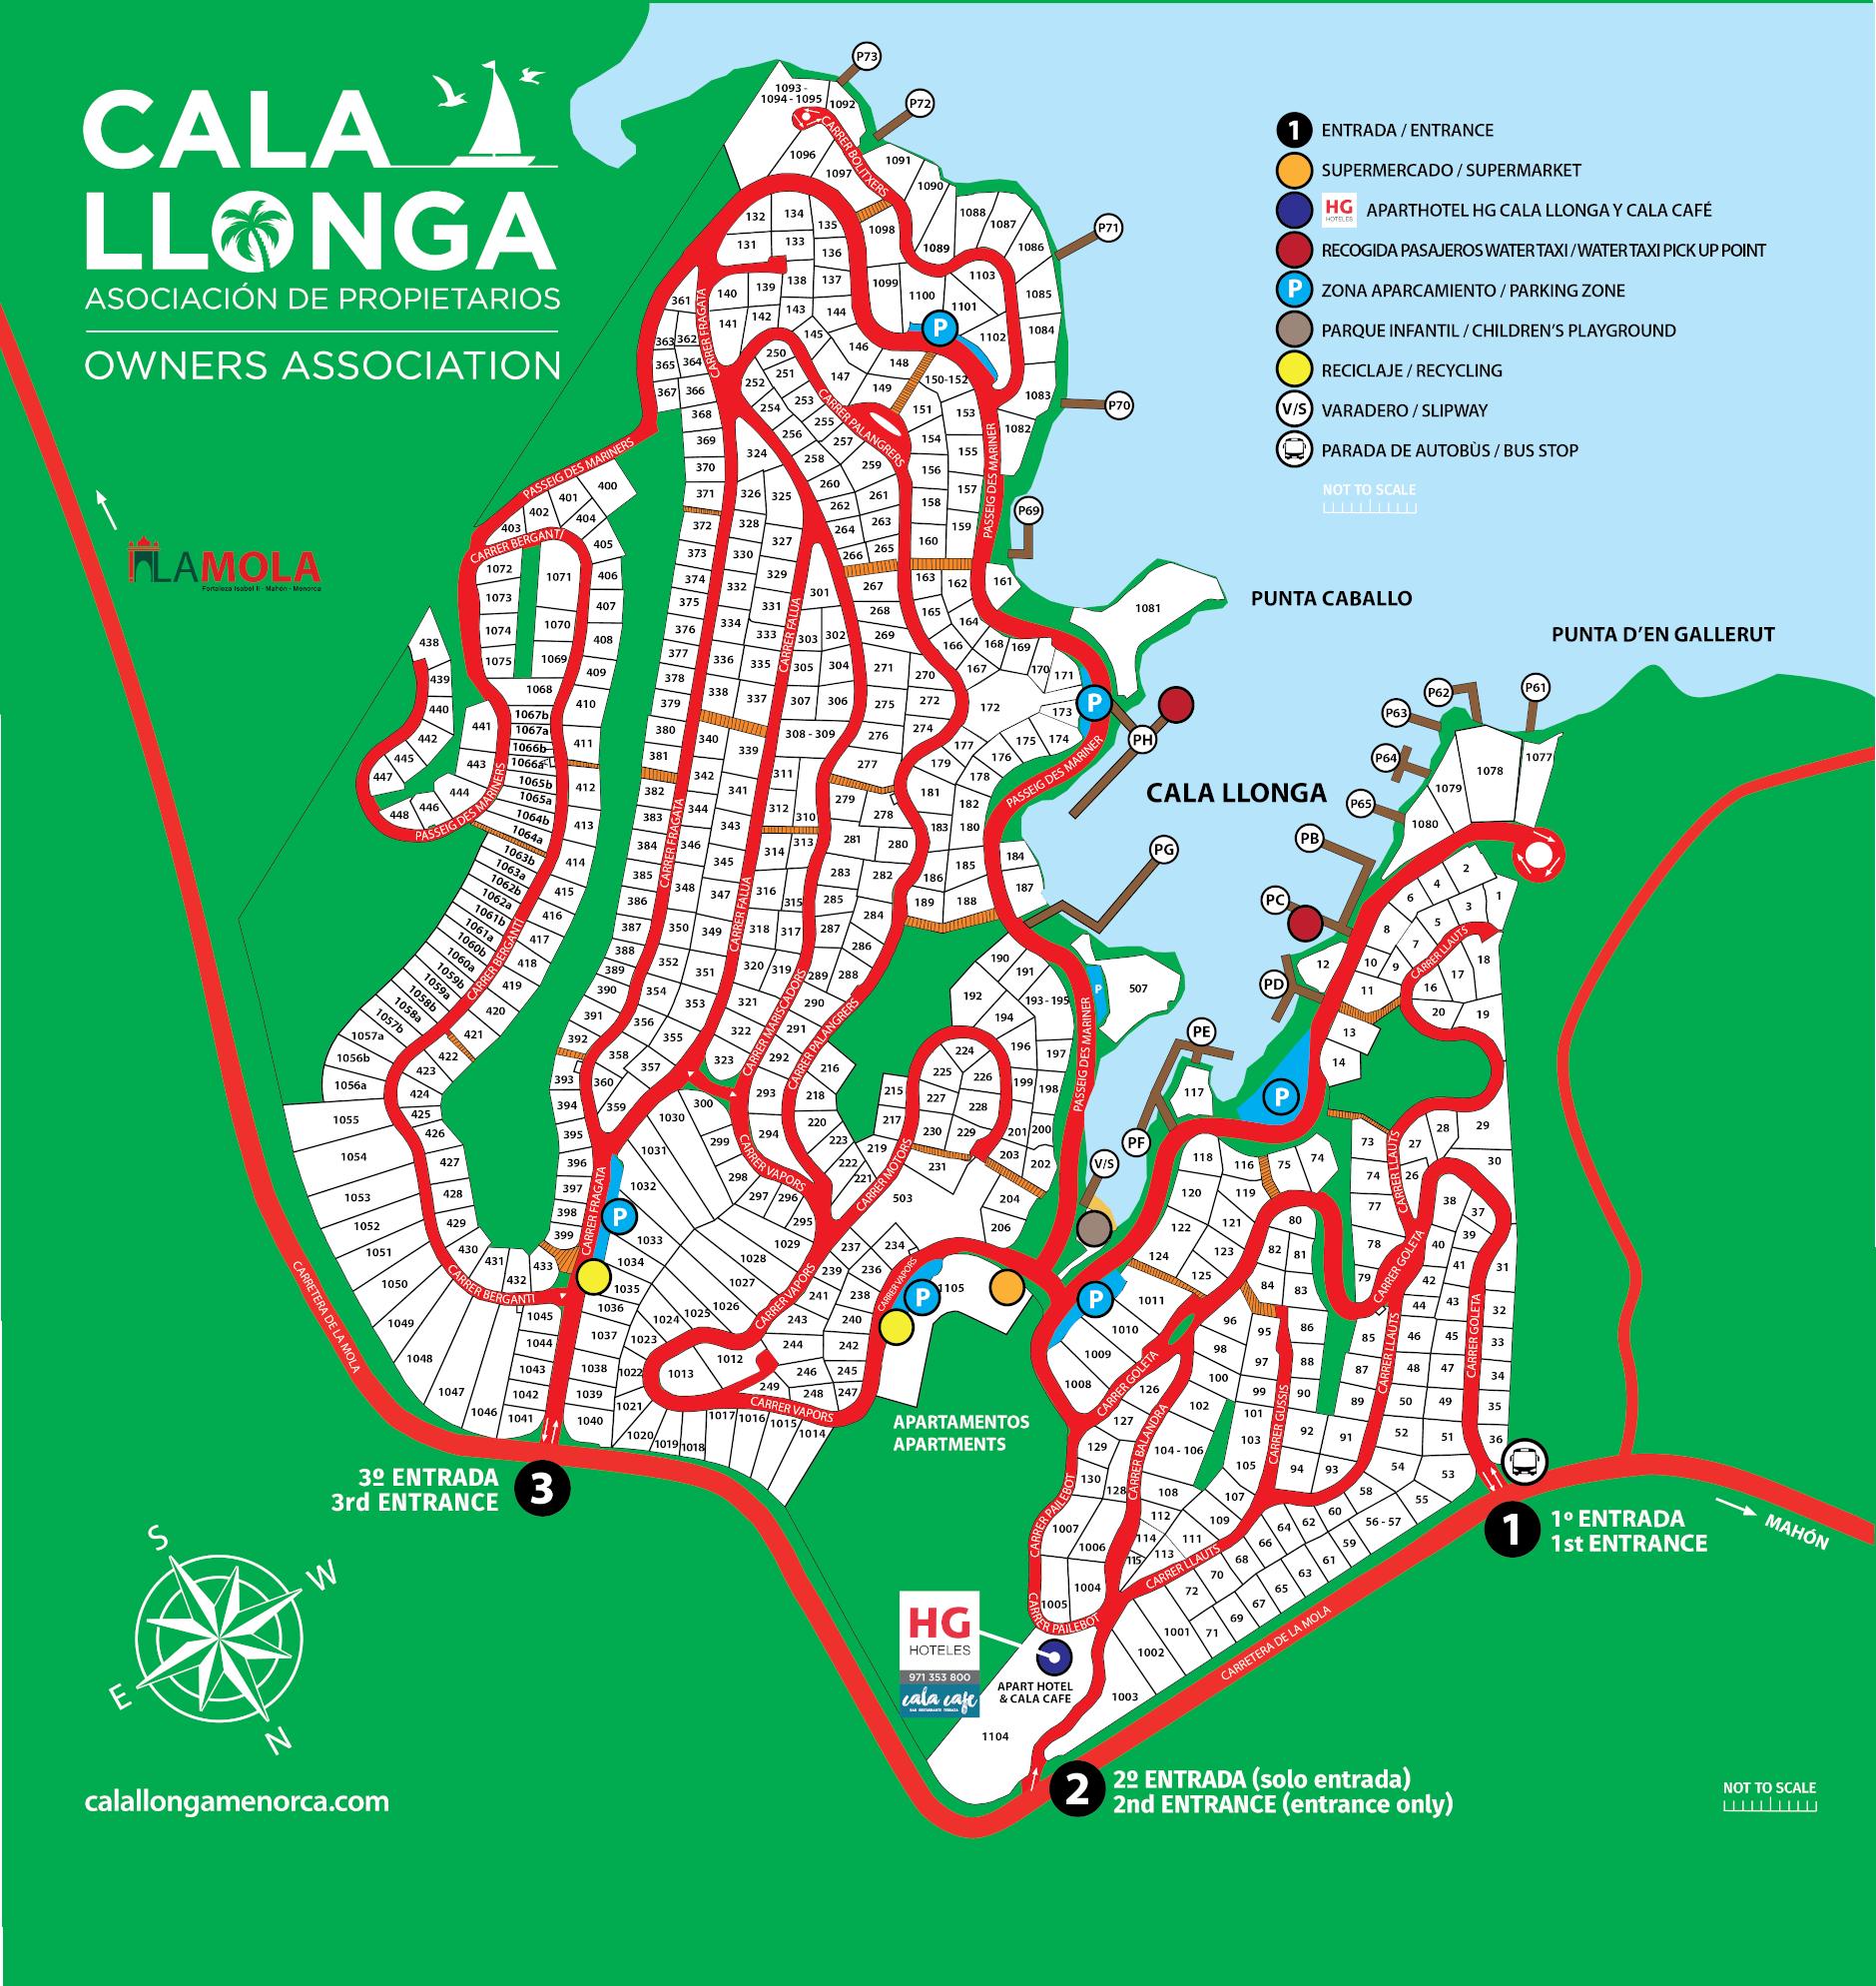 Mapa De Menorca Calas.Mapa Detallado Cala Llonga Menorca Asociacion De